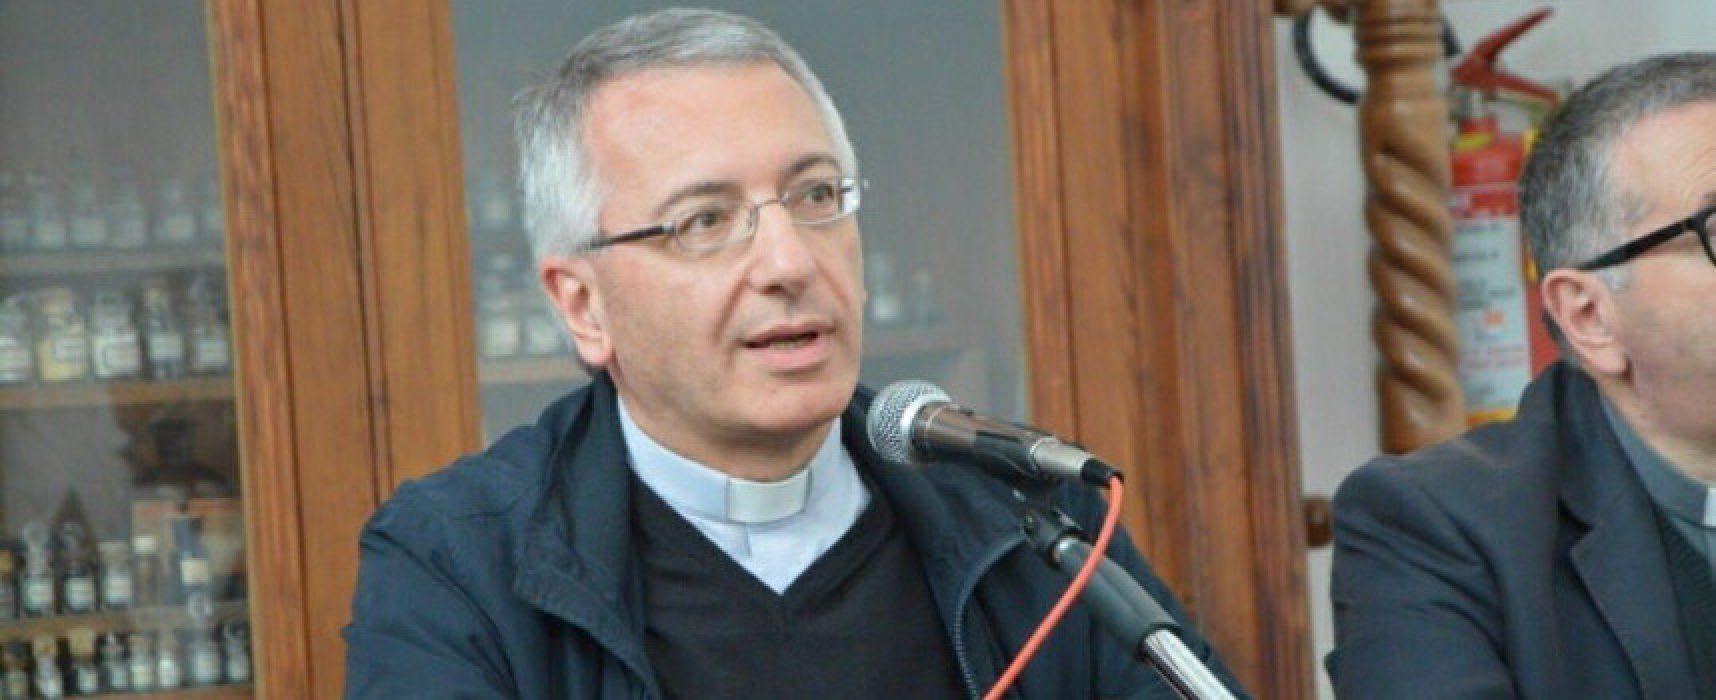 Il nuovo arcivescovo Monsignor Leonardo D'Ascenzo incontra la città